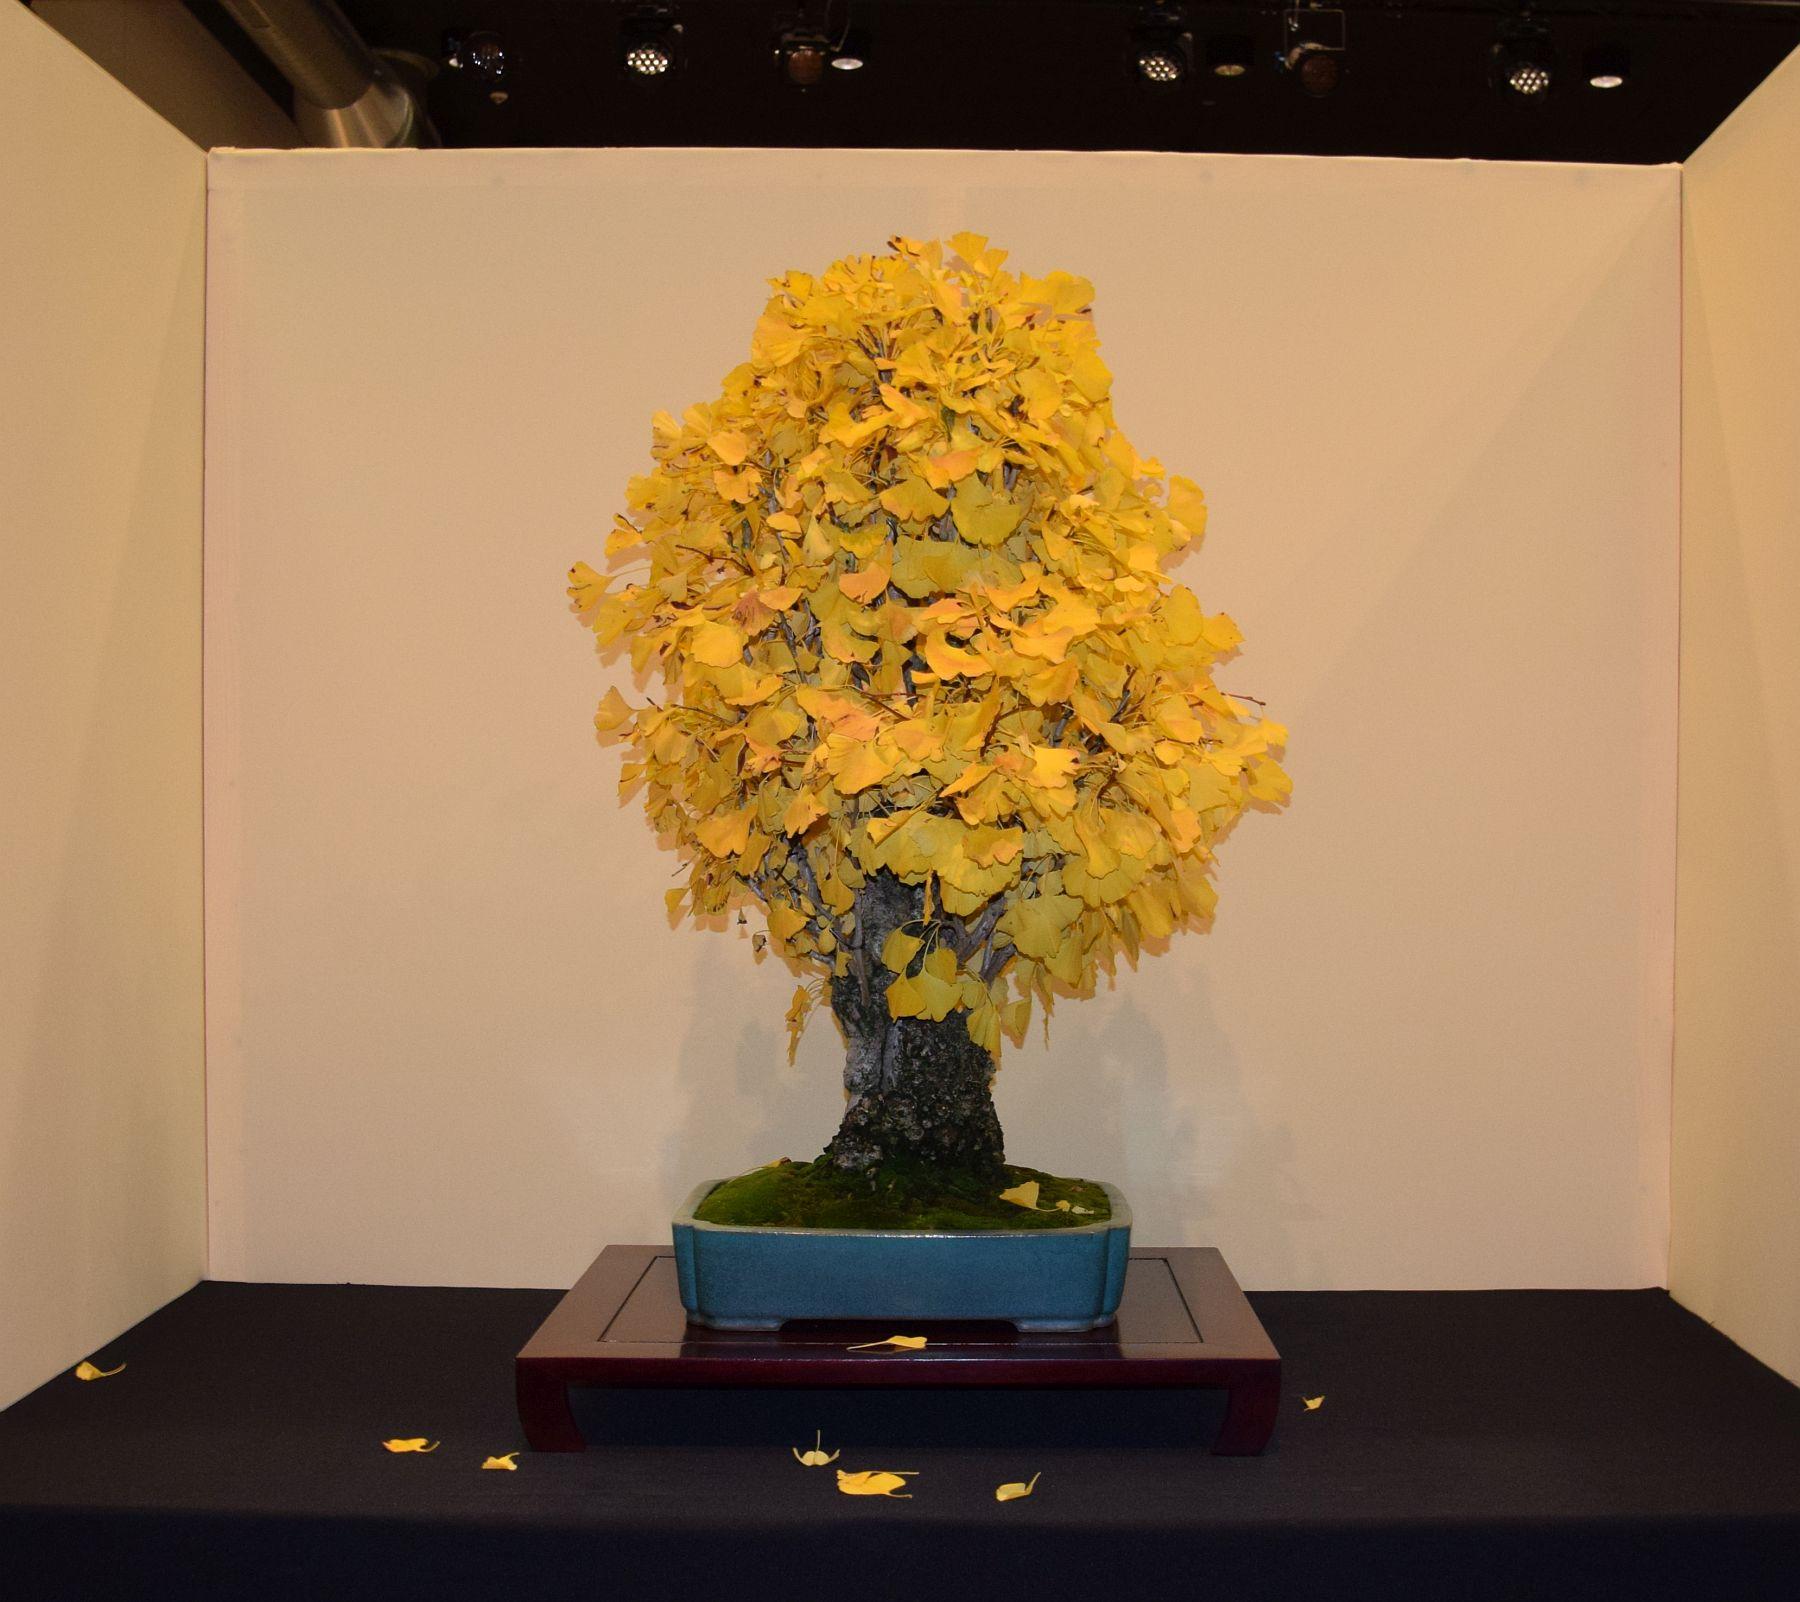 euk-bonsai-ten-2016-jp-polmans-collectie-016